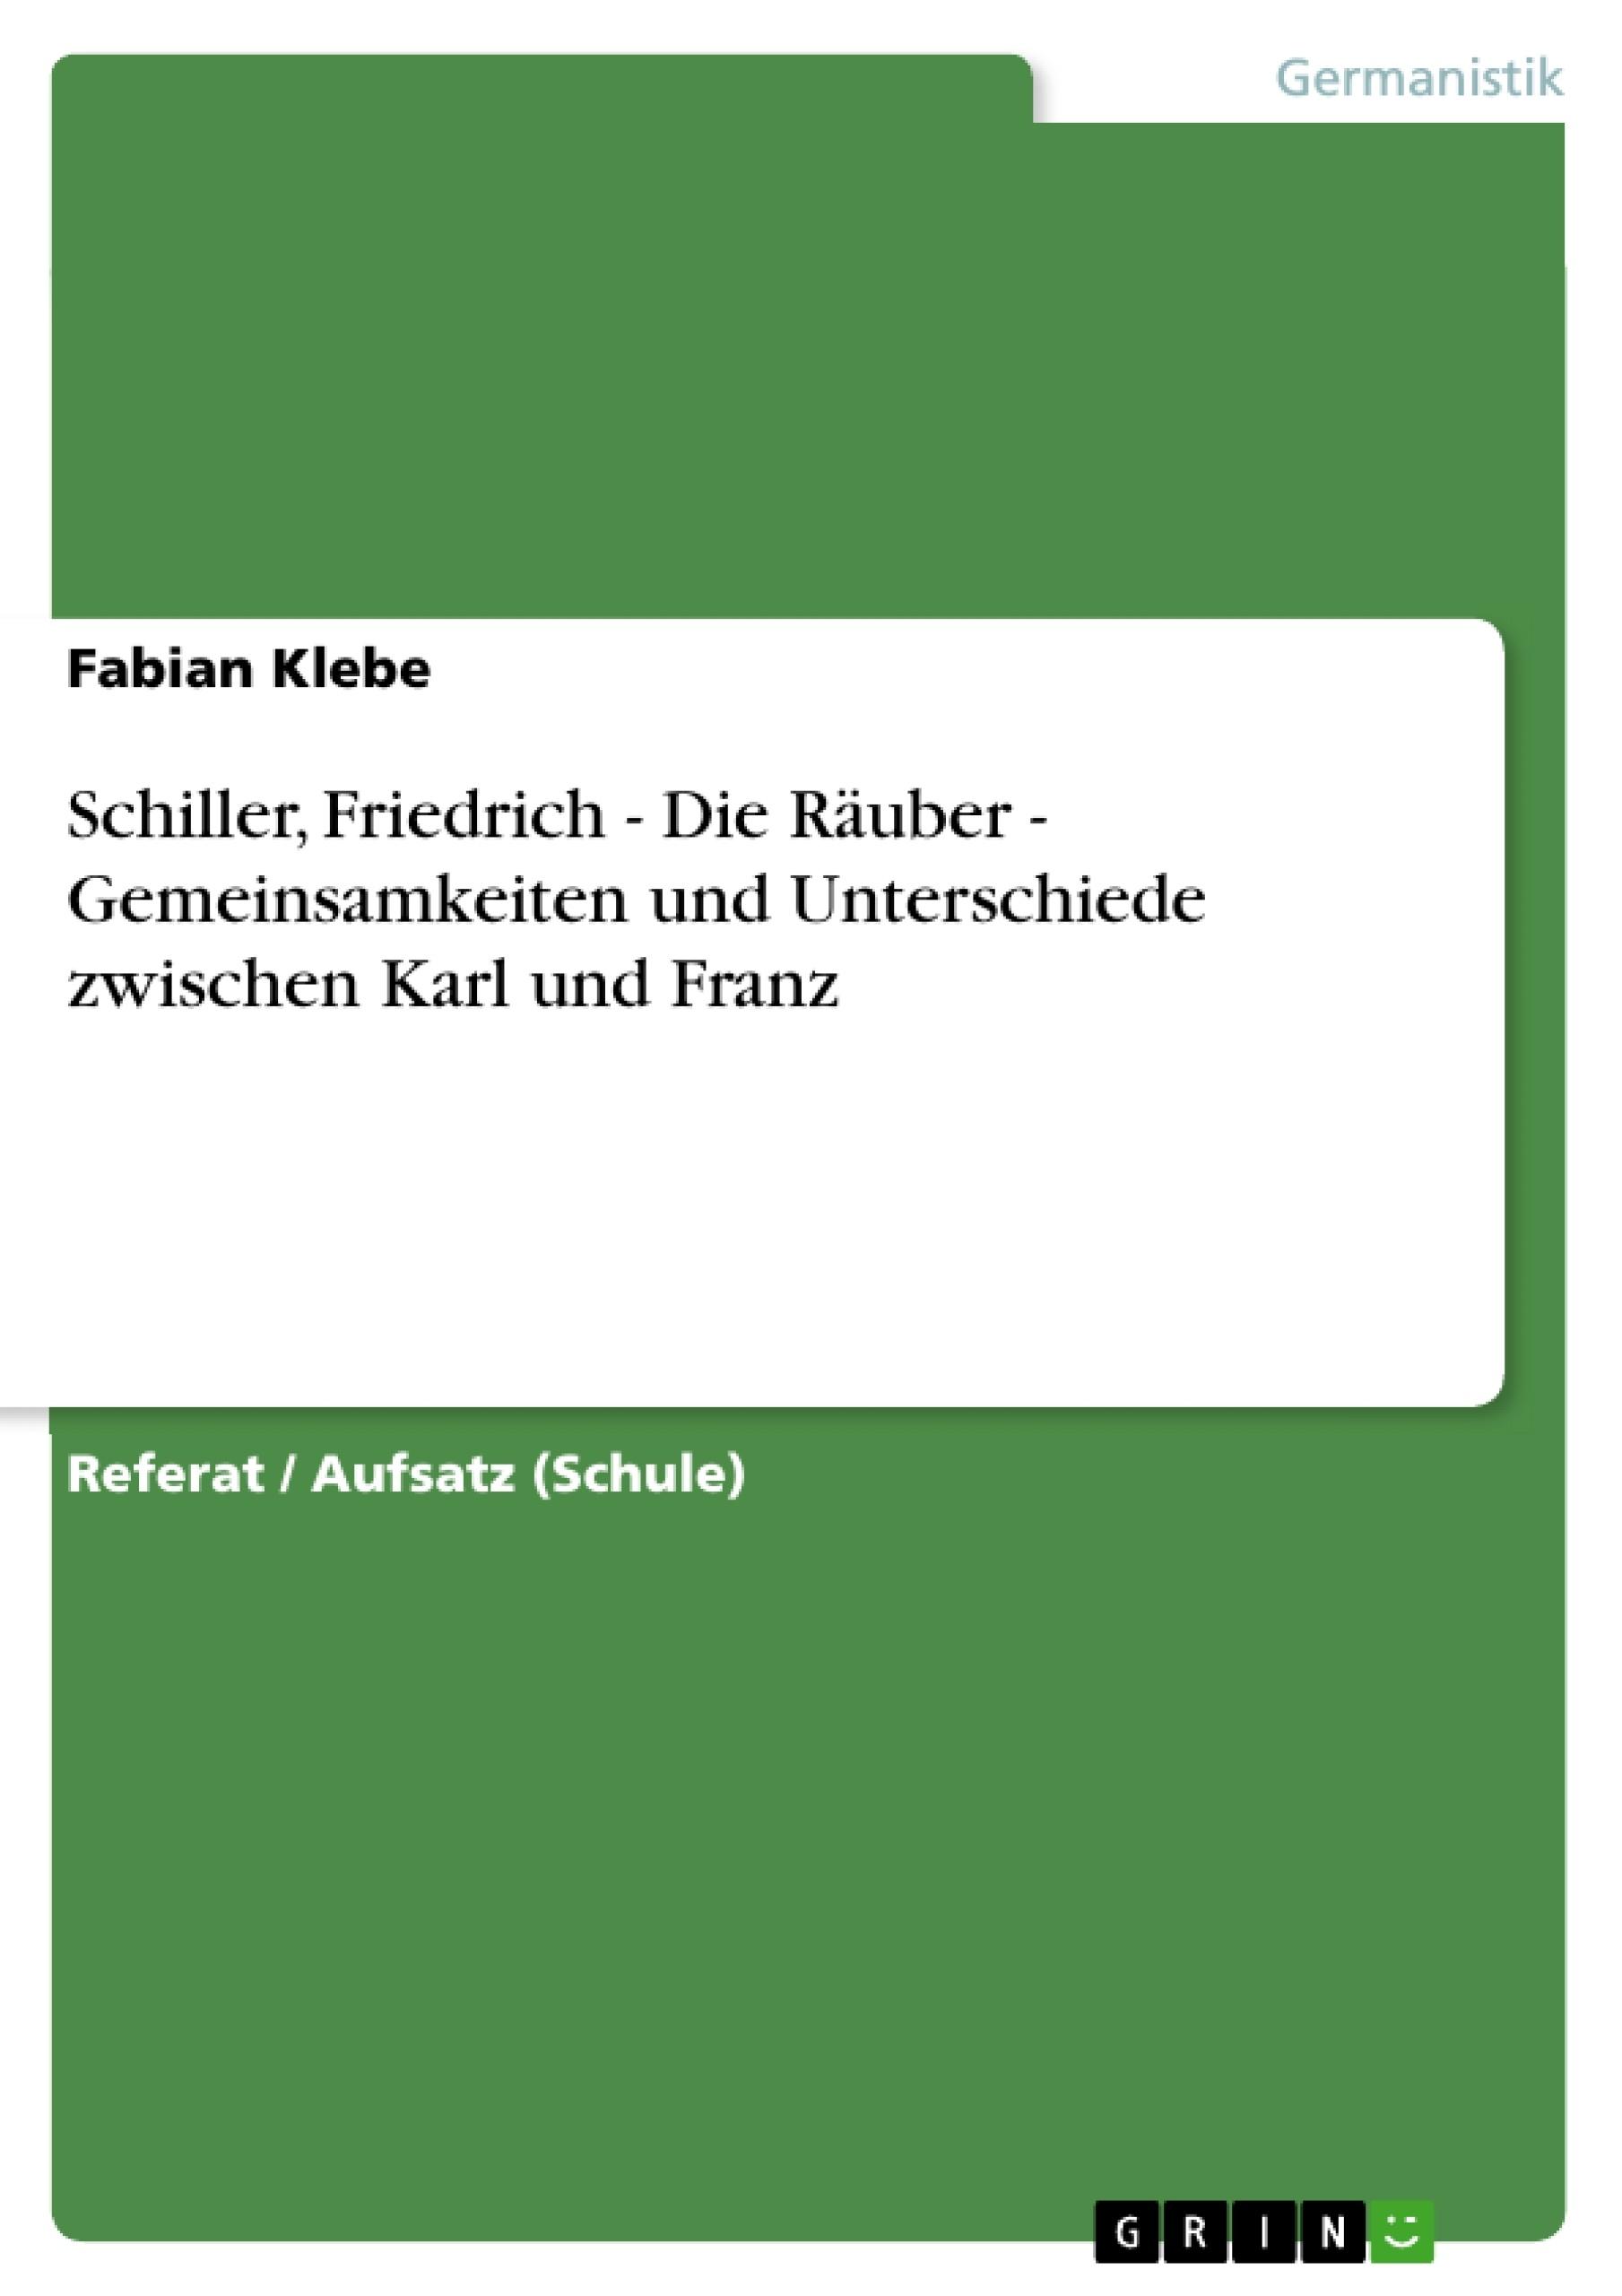 Titel: Schiller, Friedrich - Die Räuber - Gemeinsamkeiten und Unterschiede zwischen Karl und Franz